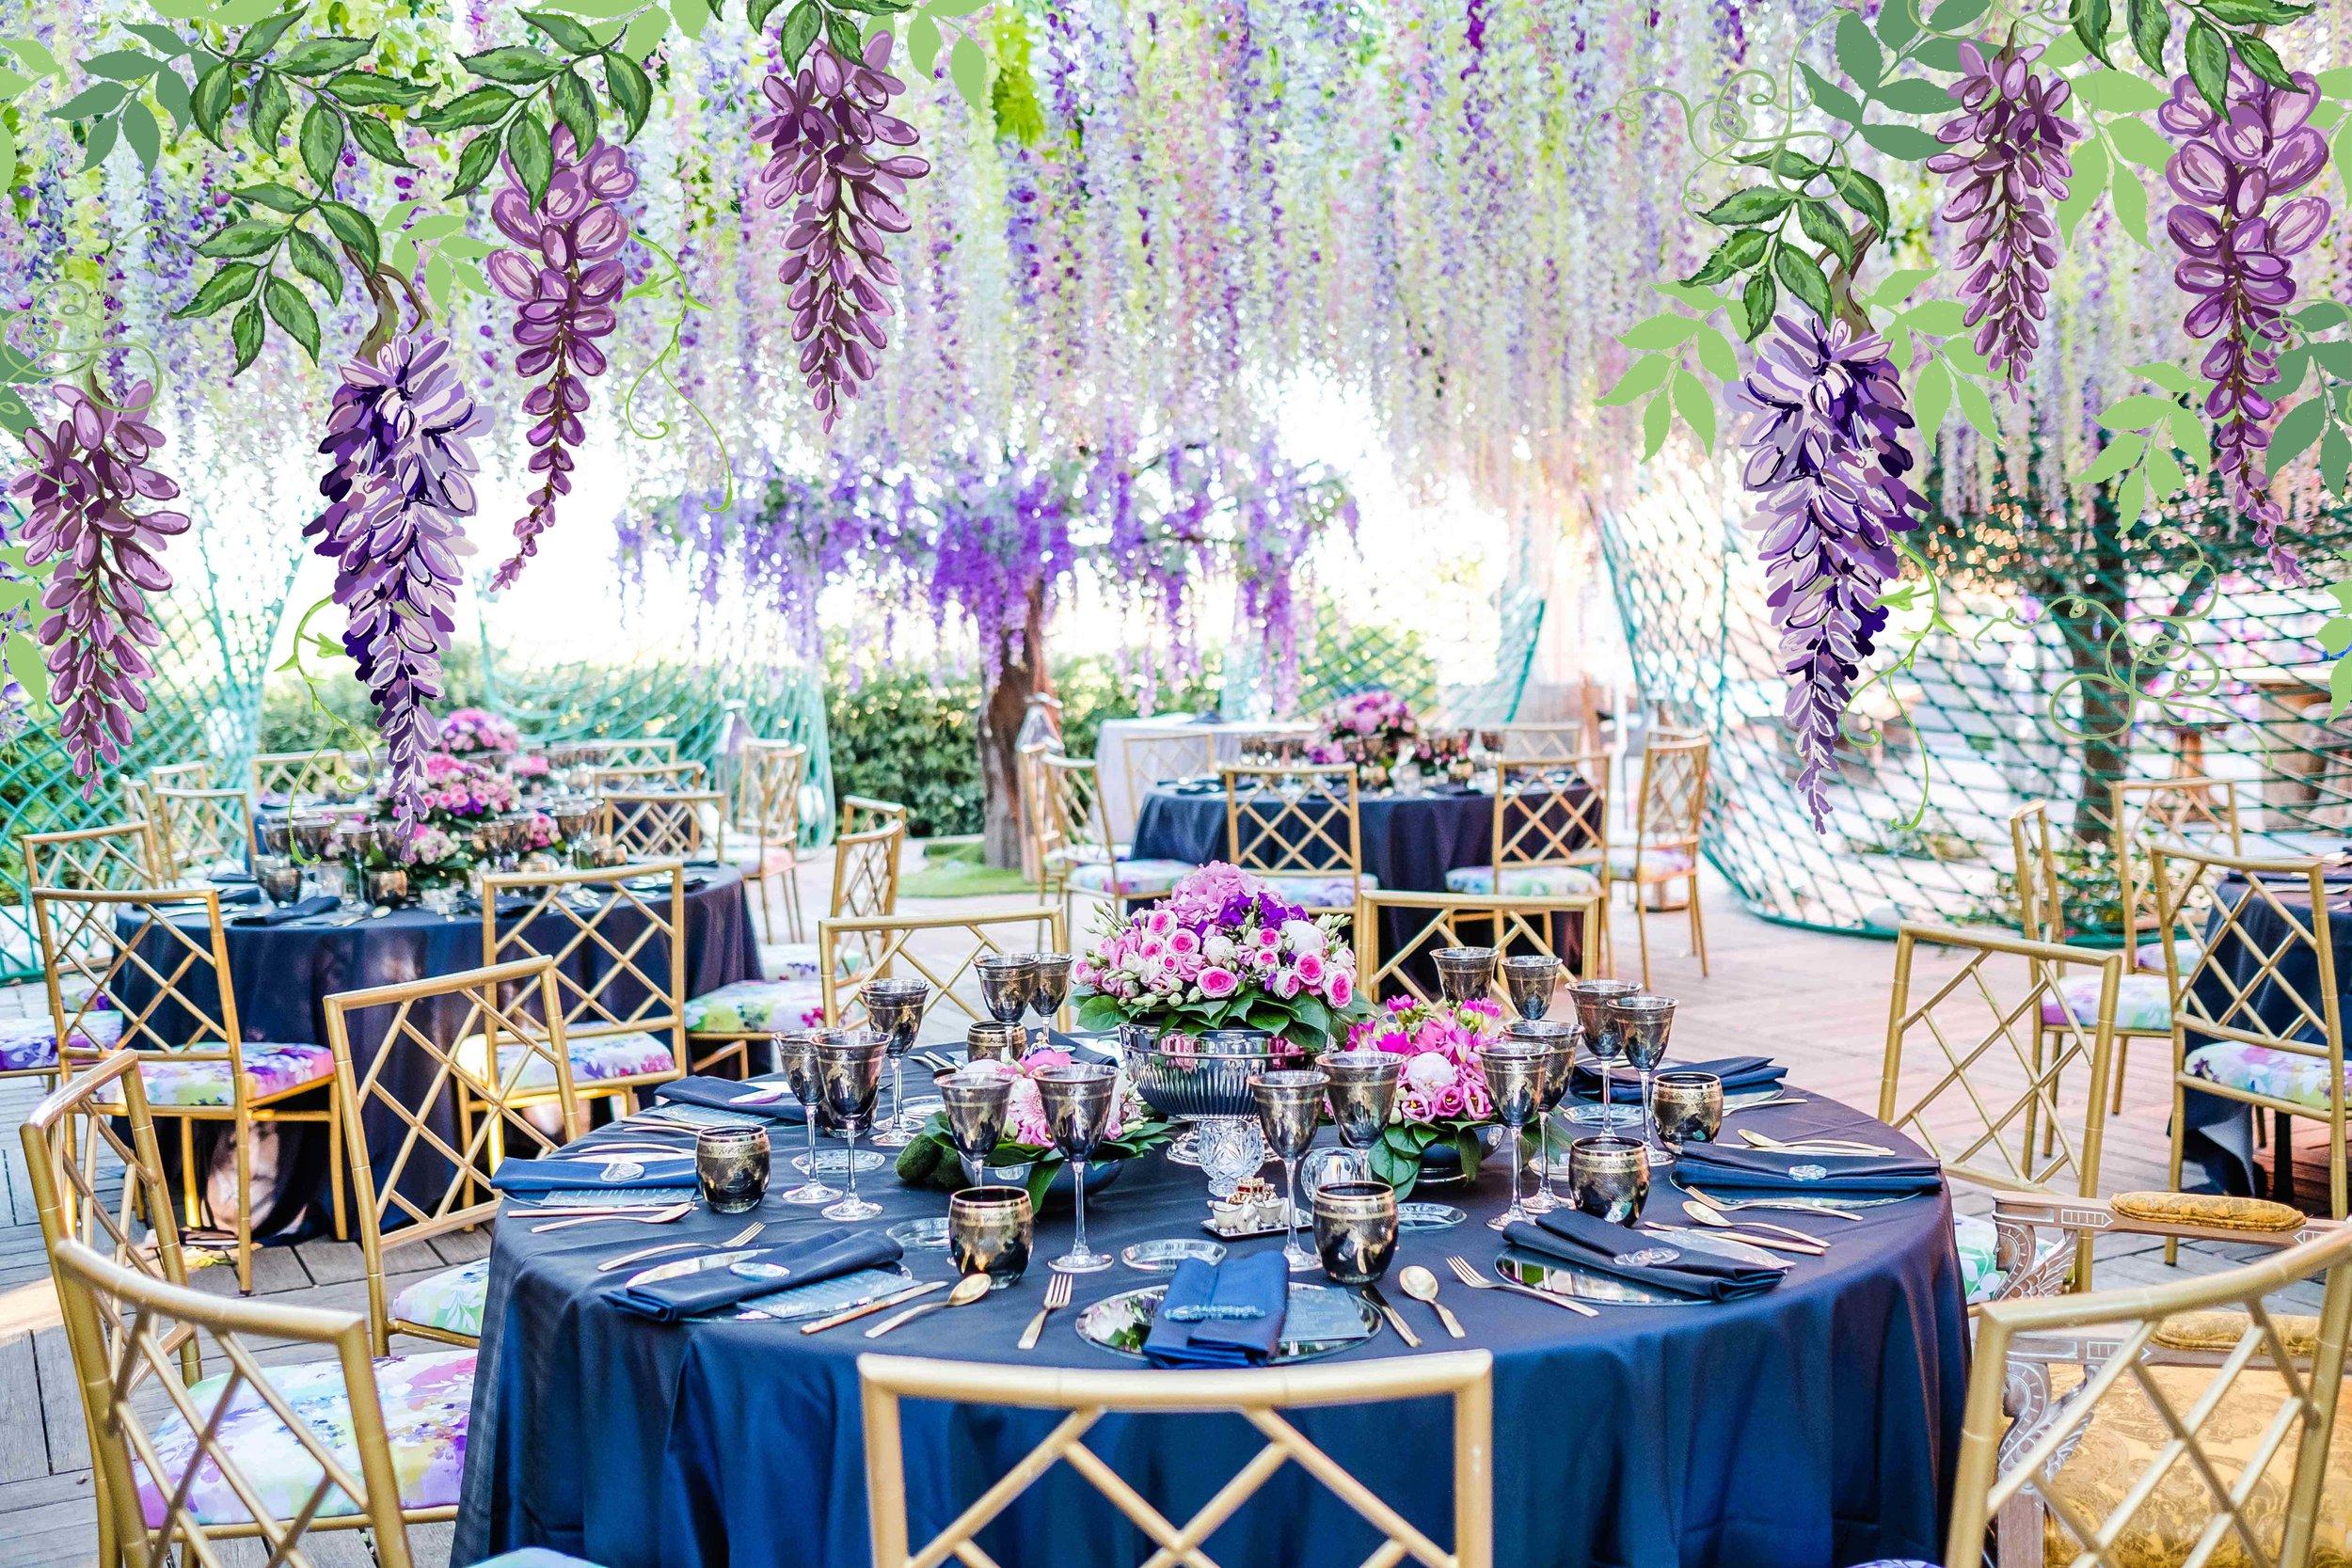 Exclusivement vôtre - Le Beauvallon peut être réservé exclusivement toute l'année pour des occasions spéciales et/ou pour des vacances en famille. Juste pour vous, votre famille et vos amis dans votre propre palace Belle Époque sur la Côte d'Azur.